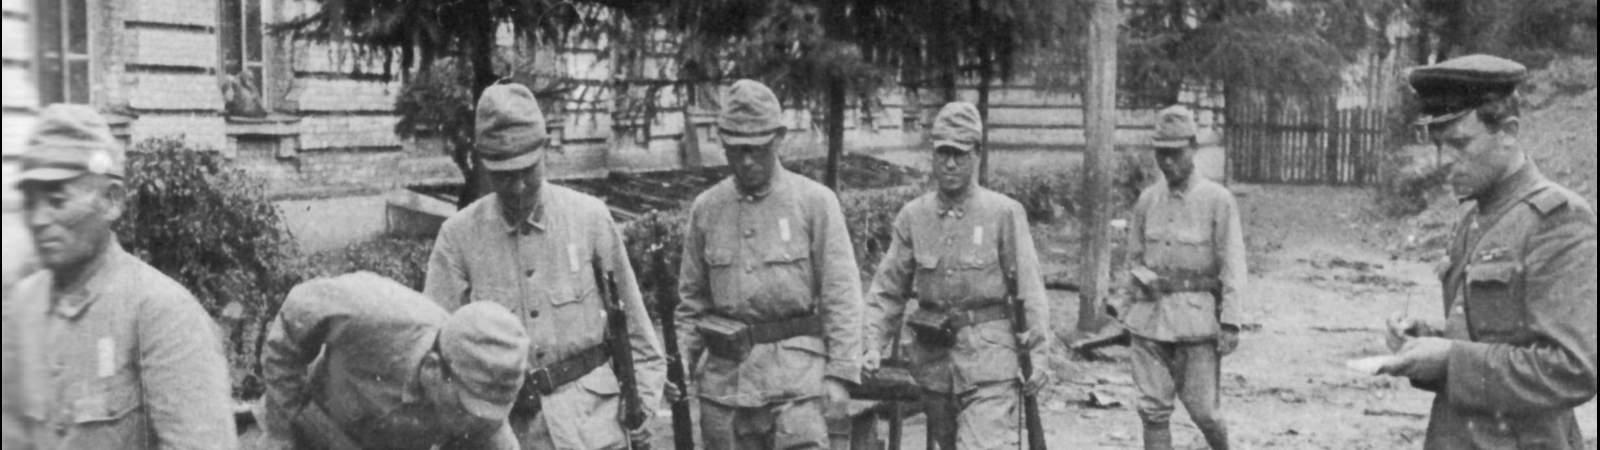 Японские солдаты